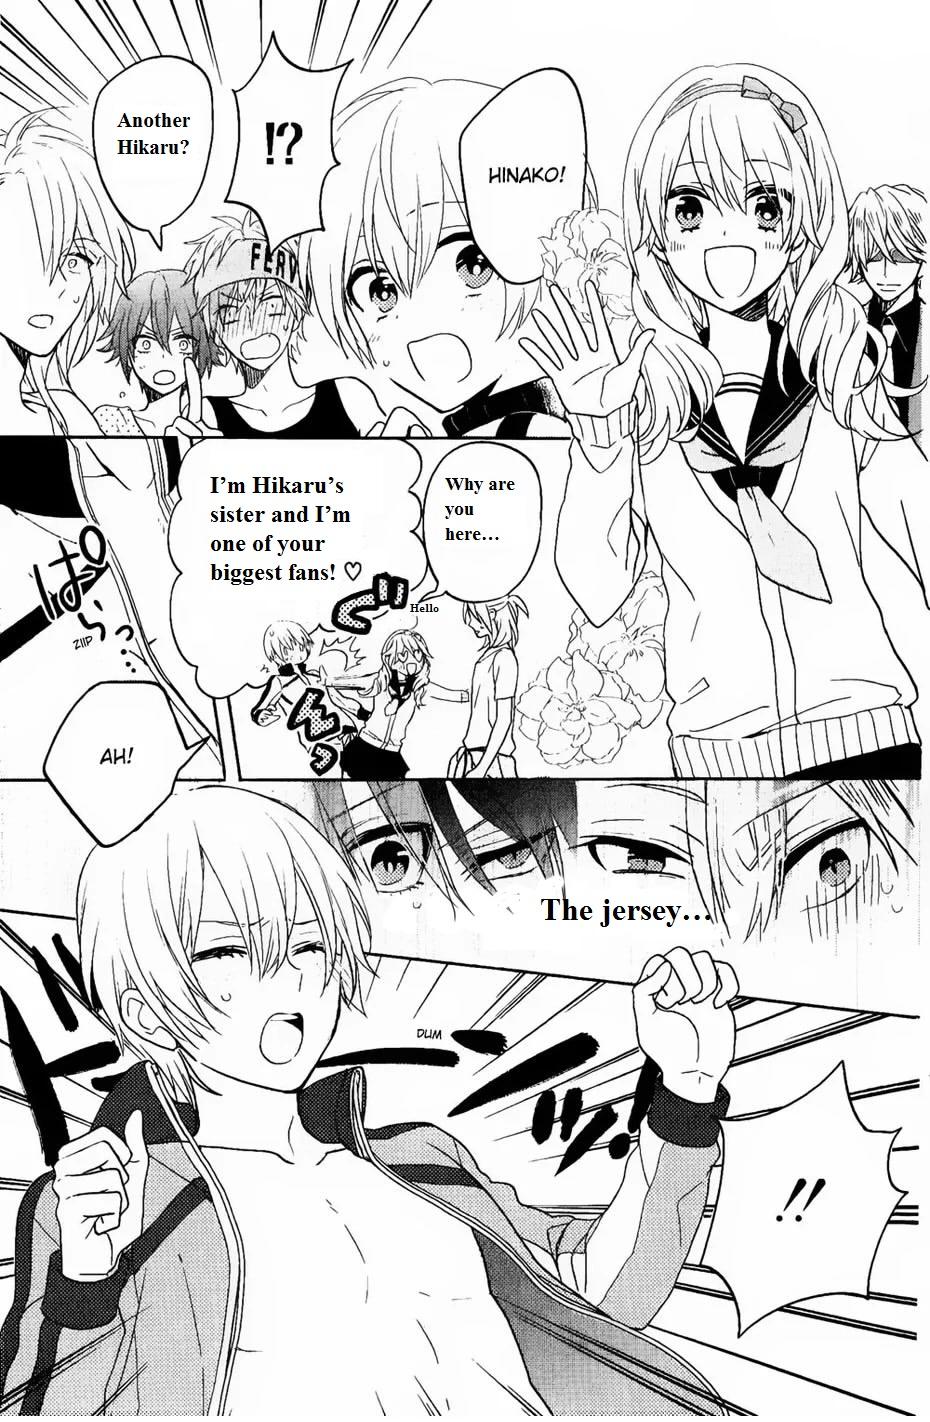 Kenka Bancho Otome - Koi no Battle Royale - Chapter 3